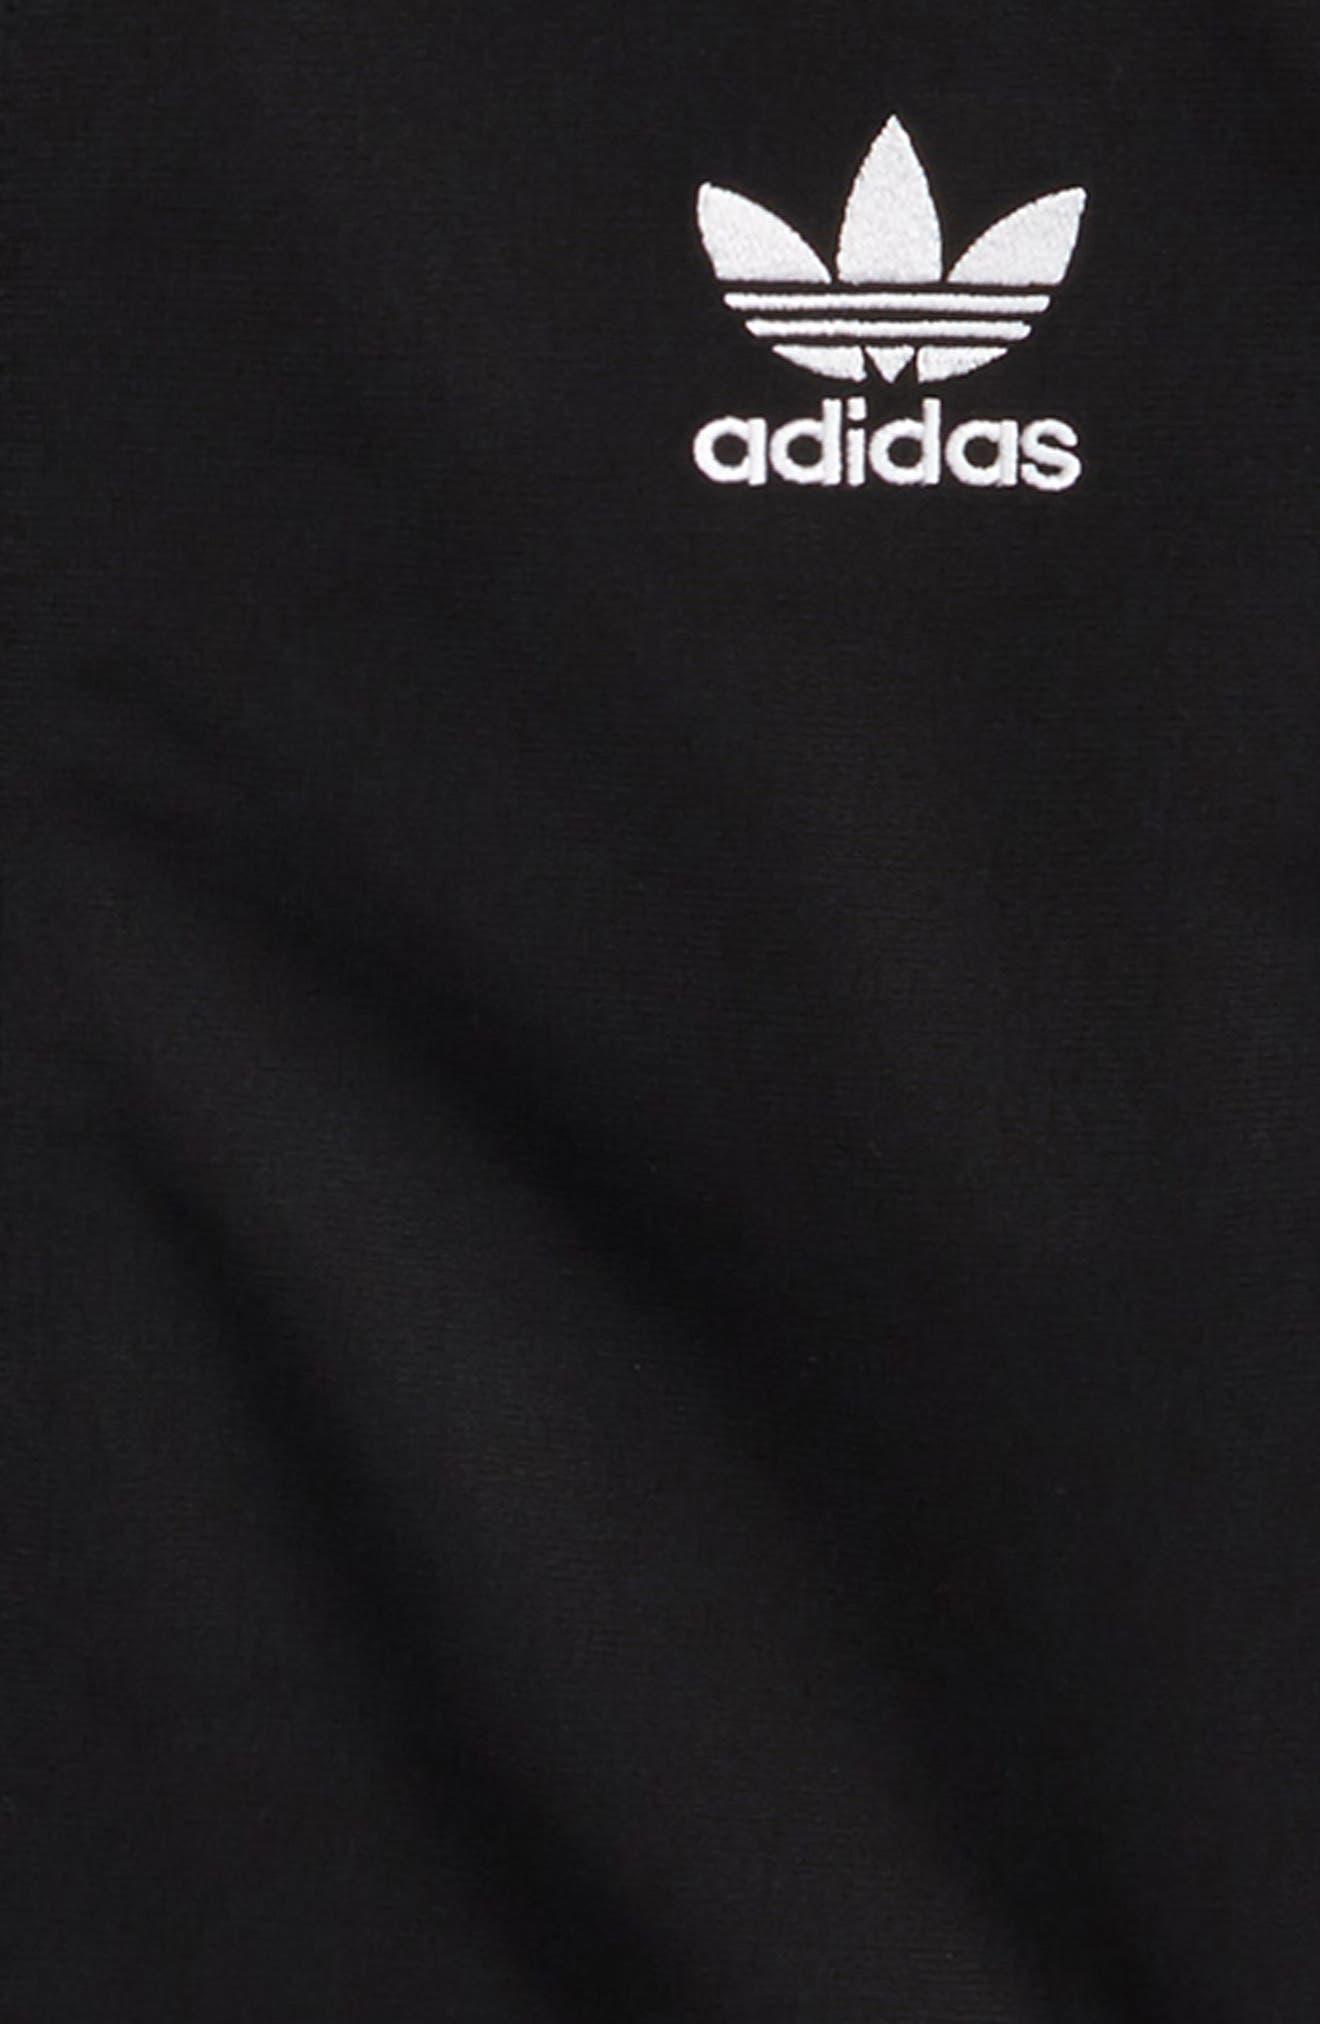 J Track Jacket,                             Alternate thumbnail 2, color,                             BLACK